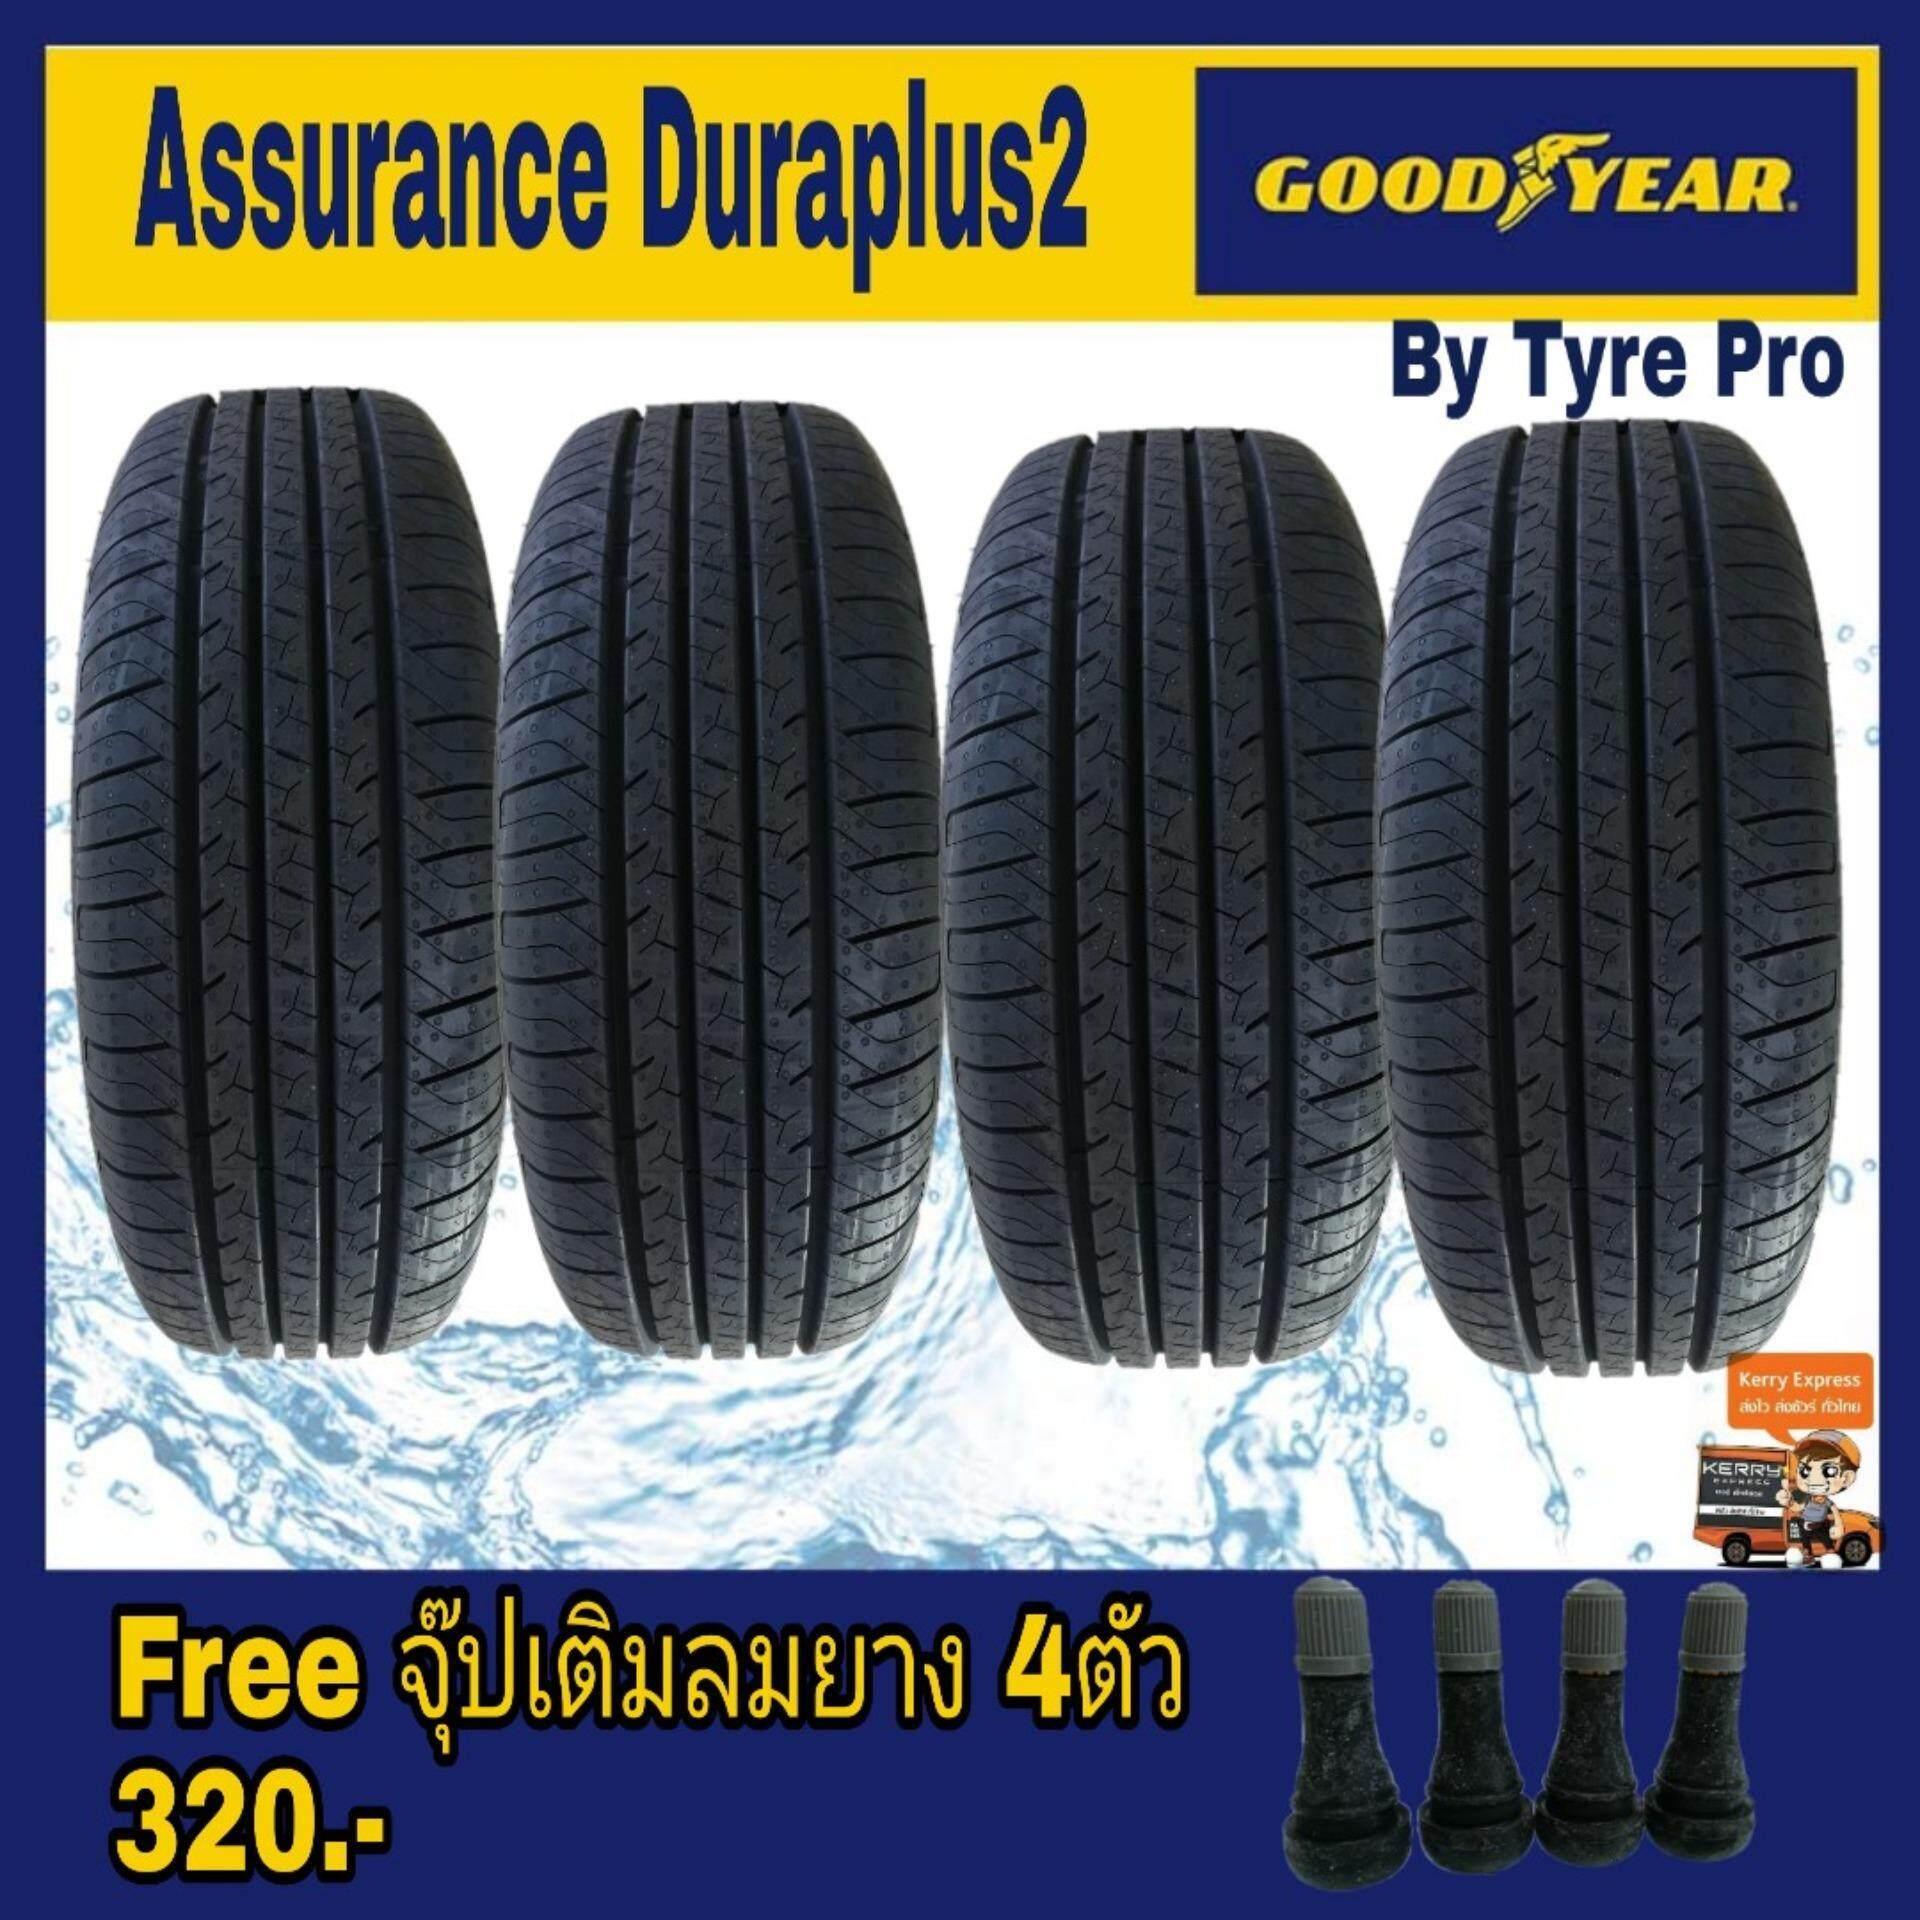 ประกันภัย รถยนต์ 3 พลัส ราคา ถูก นครศรีธรรมราช Goodyear ยางรถยนต์ 205/65R15 รุ่น Assurance Duraplus2 (4 เส้น)